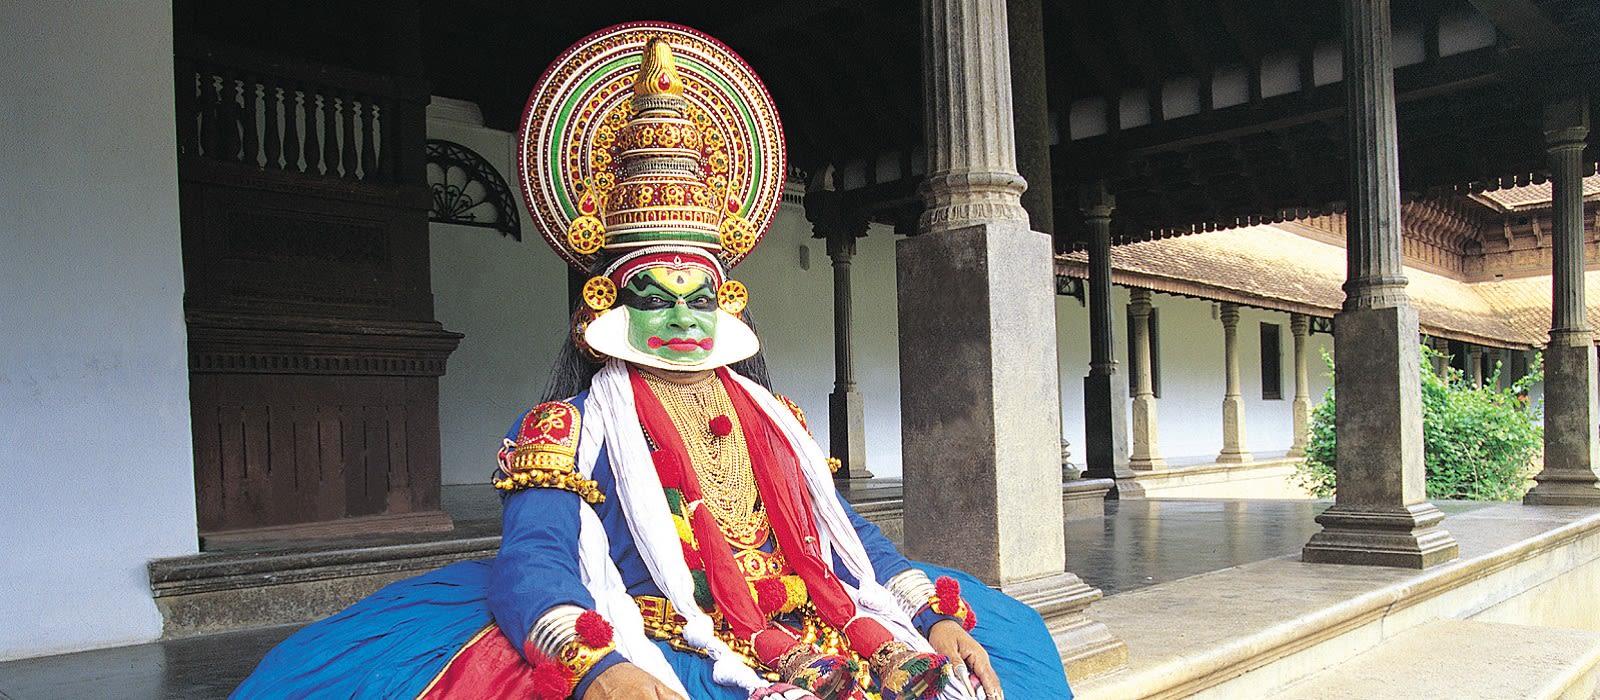 Klassische Reise nach Kerala: Backwaters und wilde Natur Urlaub 4